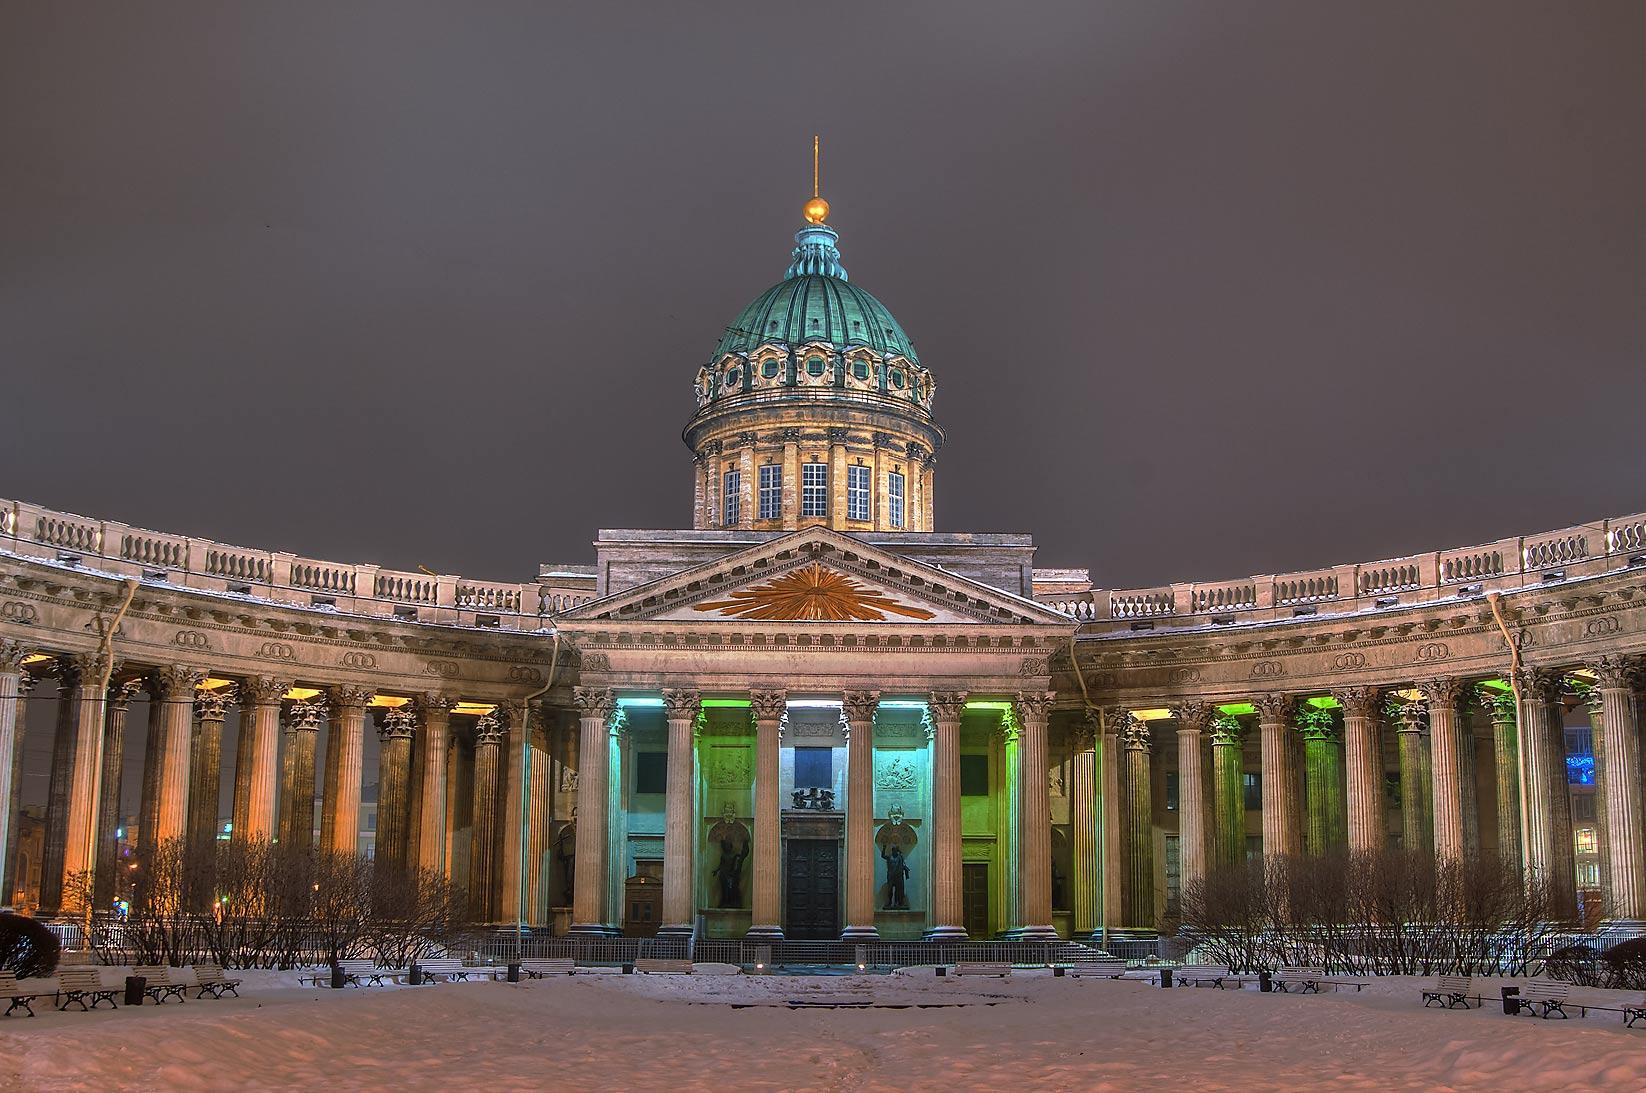 http://www.asergeev.com/p/xl-2013-1148-09/saint_petersburg_koporye-kazansky_sobor_cathedral_our_lady.jpg